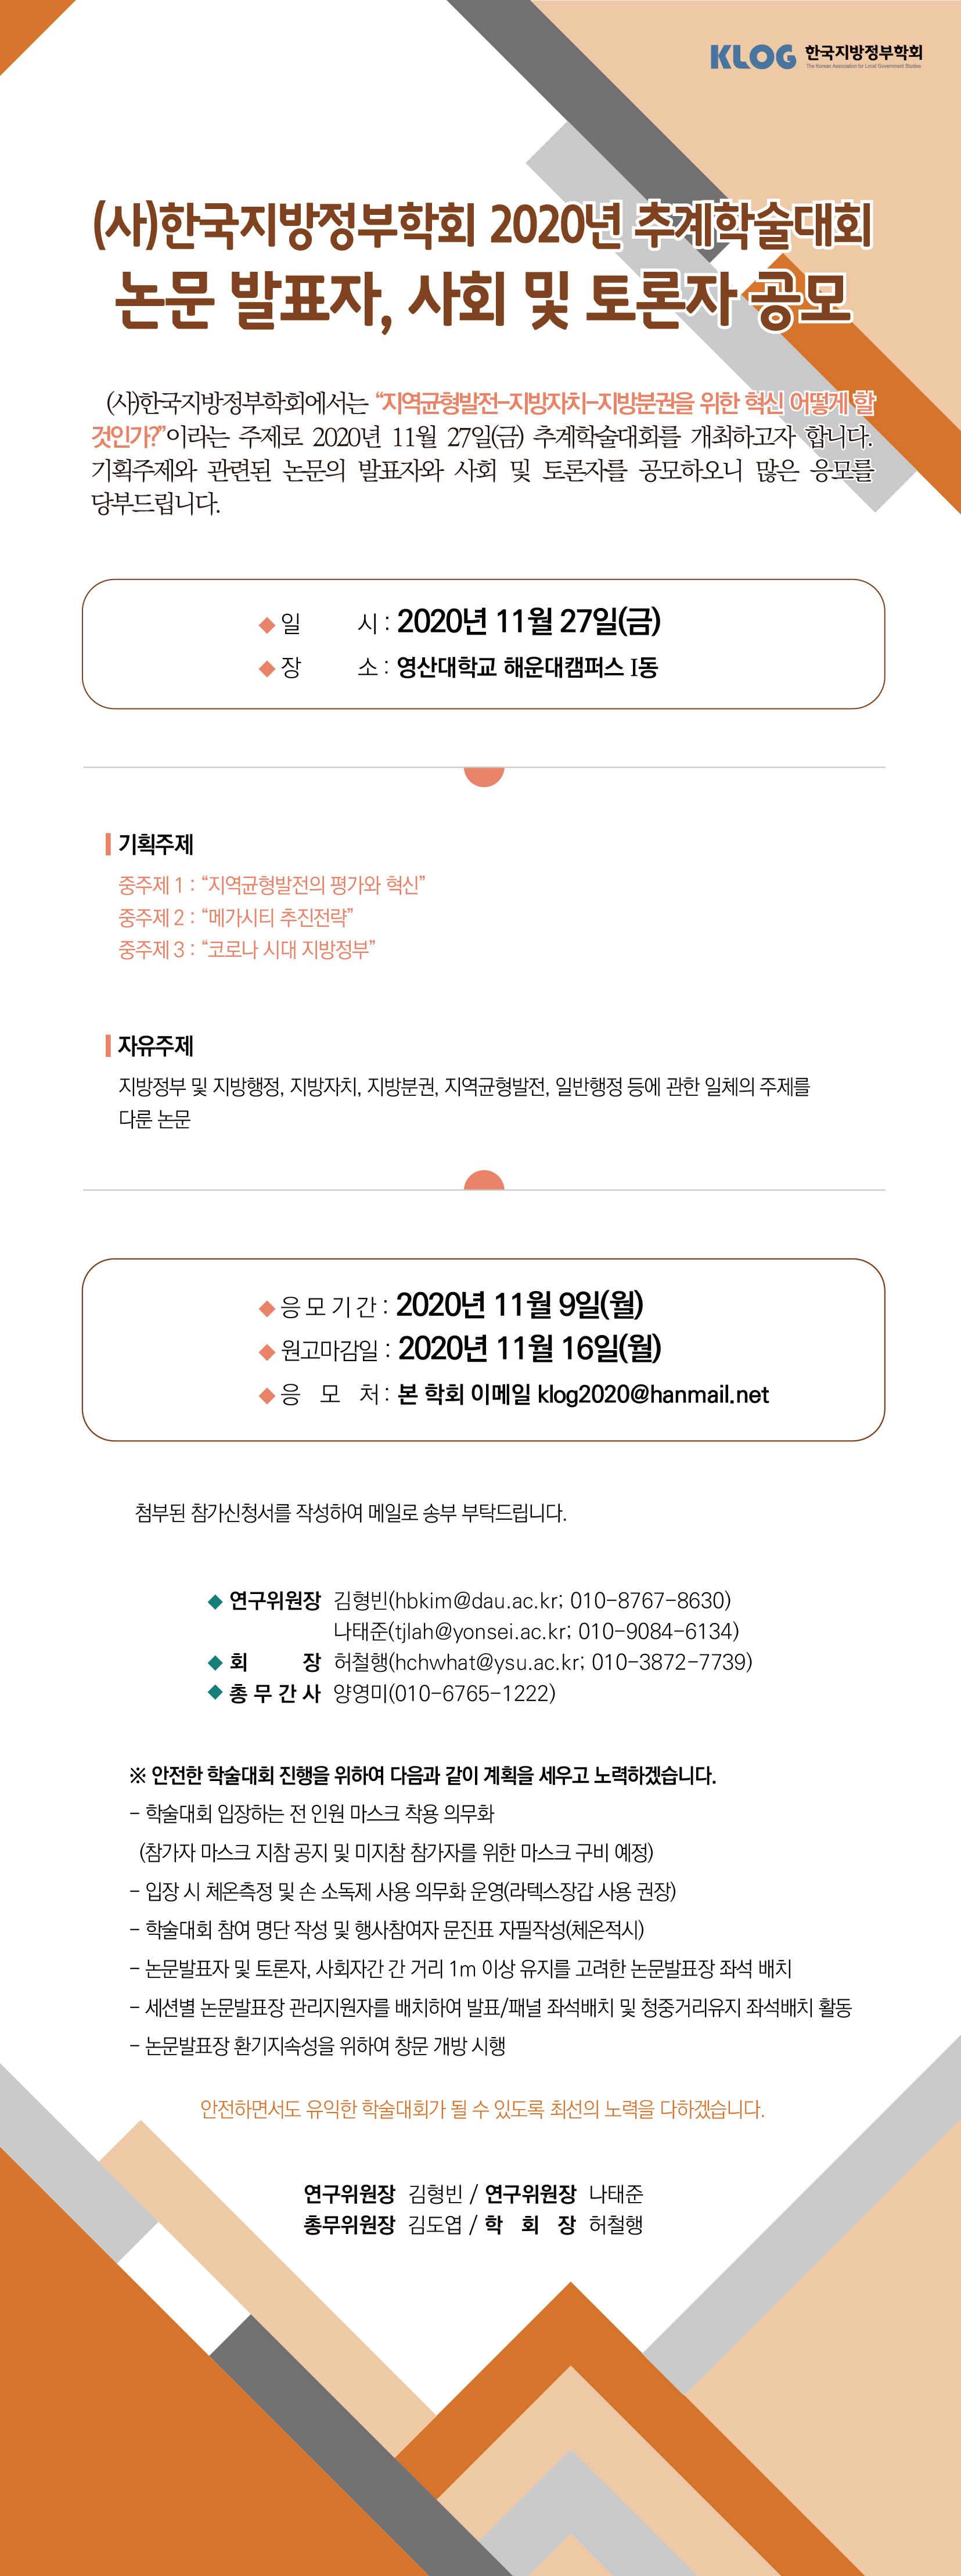 학술대회공고문(2020)_추계_전면수정.jpg